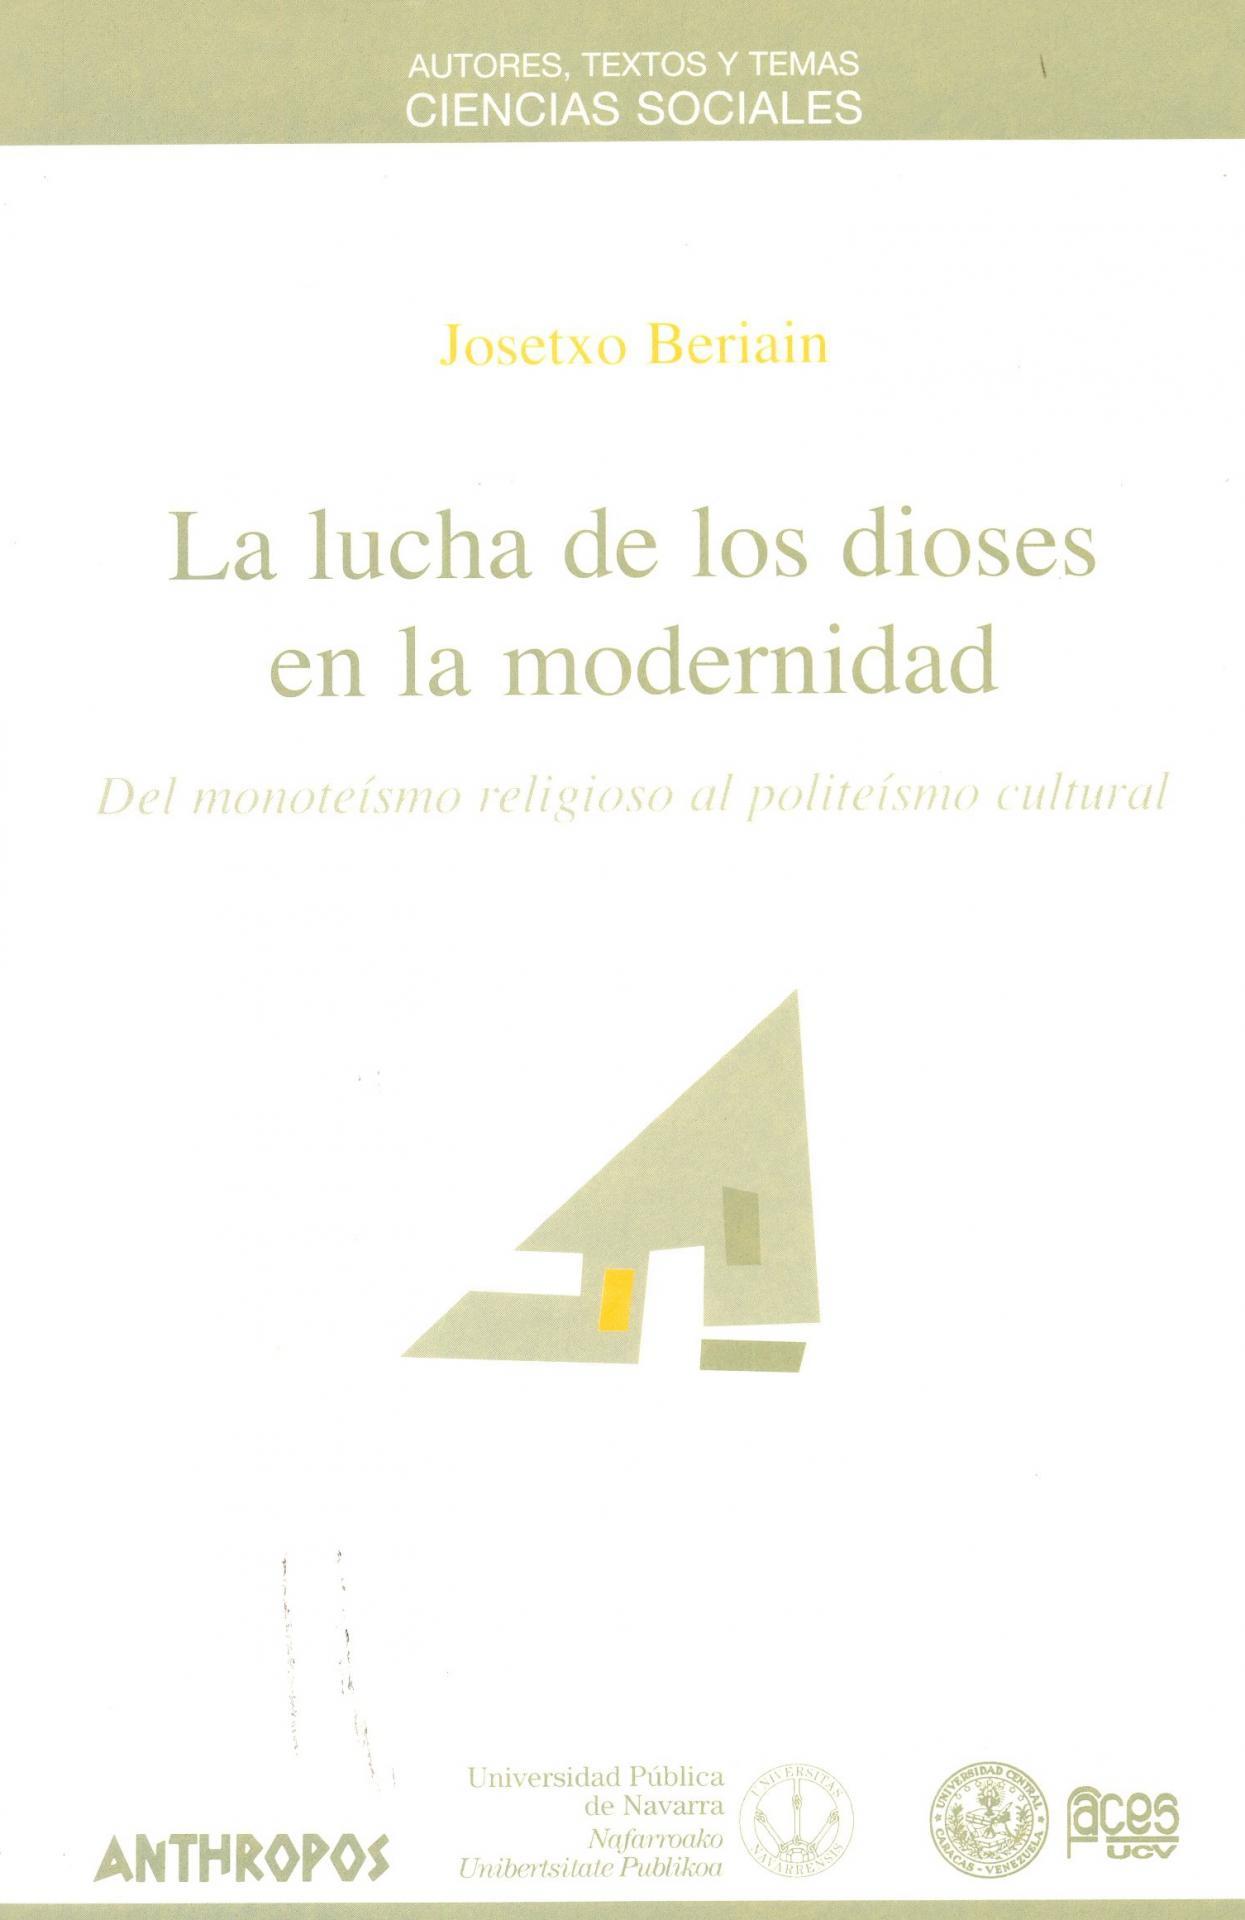 LA LUCHA DE LOS DIOSES EN LA MODERNIDAD. Beriain, J.